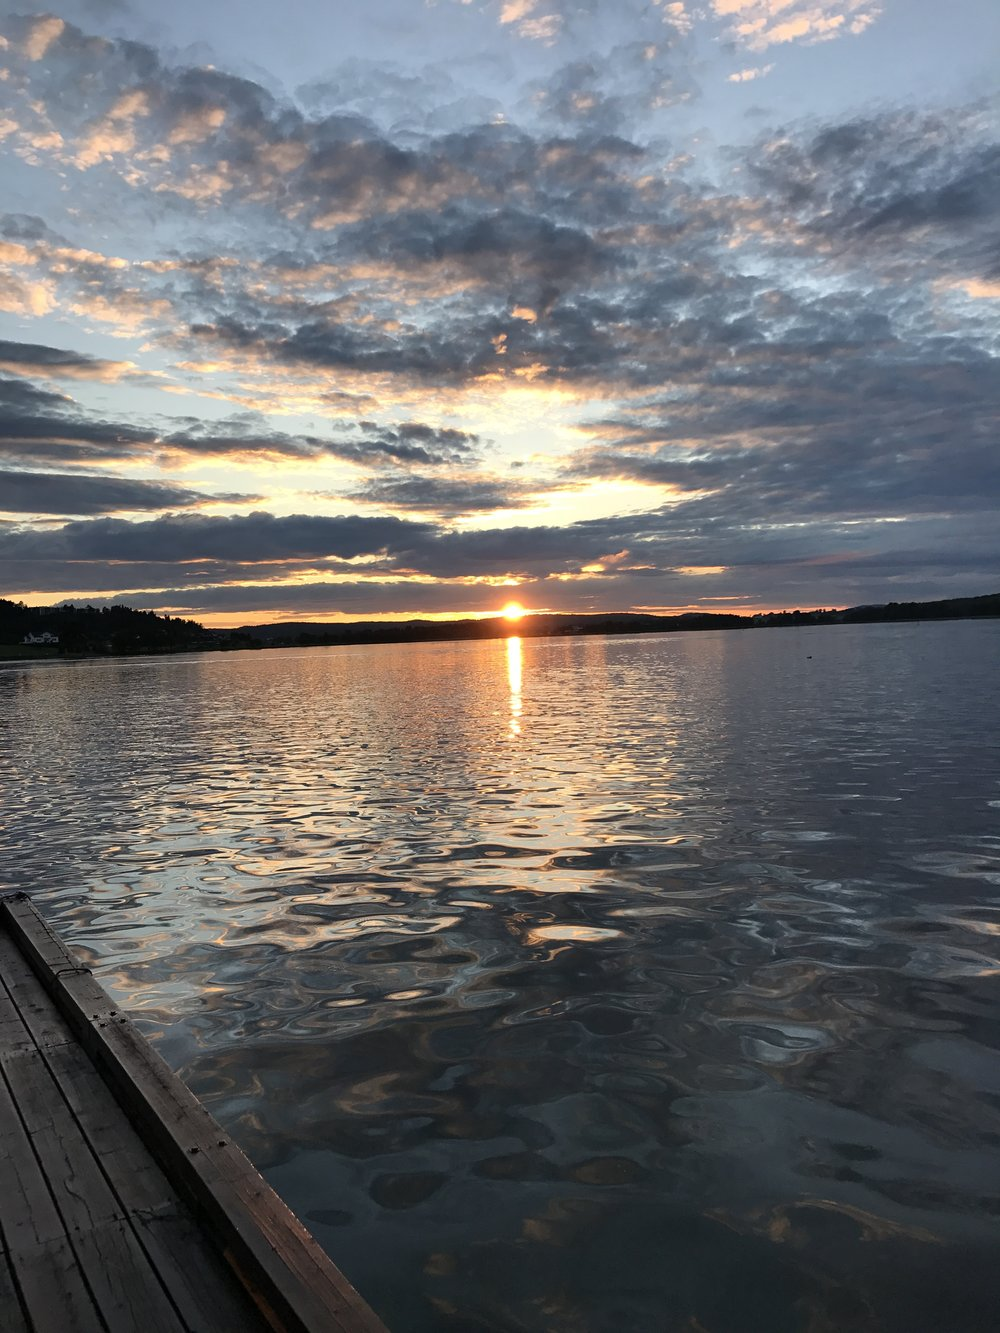 Sommerkveld påkontoret i Tønsberg